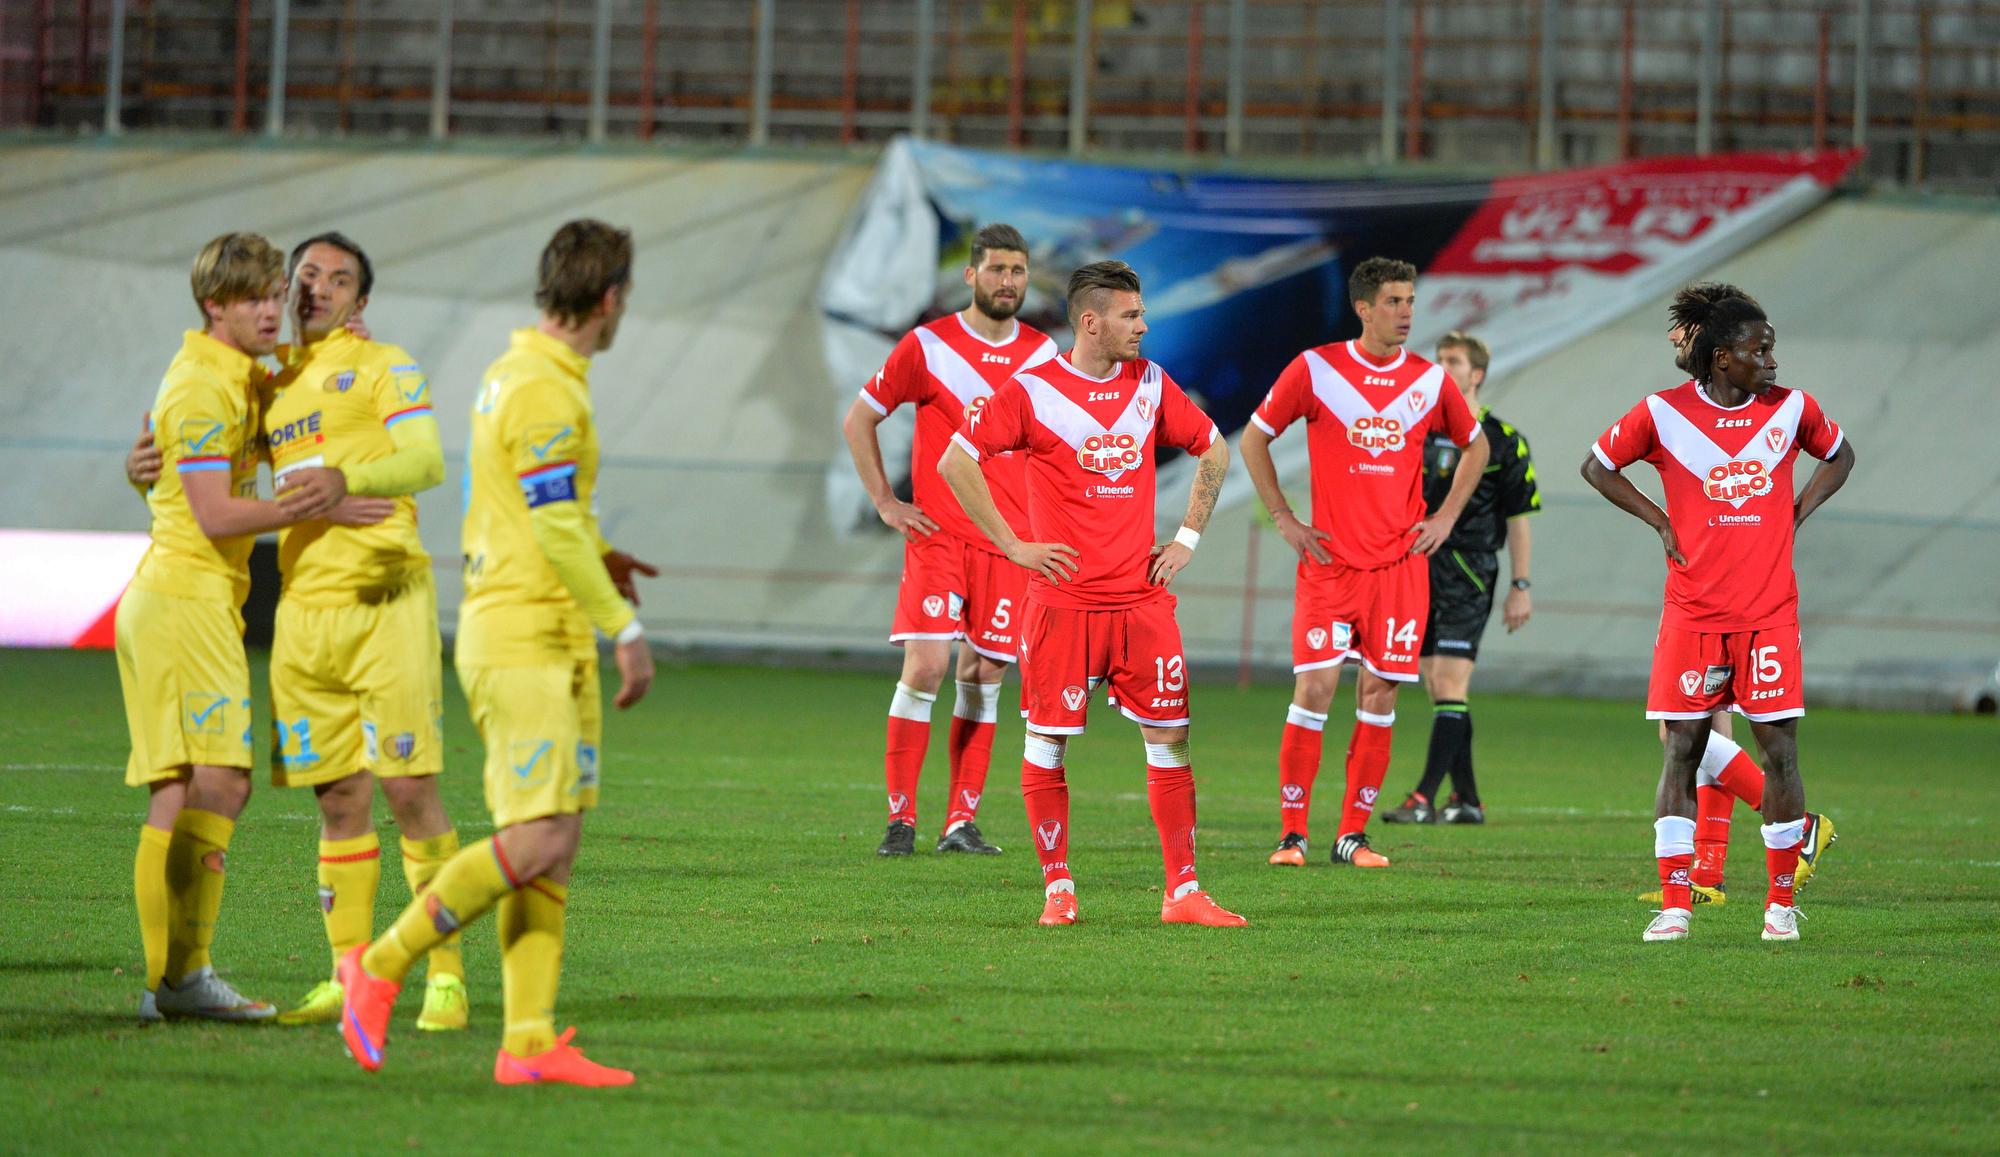 Calcioscommesse Intercettazioni Anche Su Partite Di Serie B Varesesport